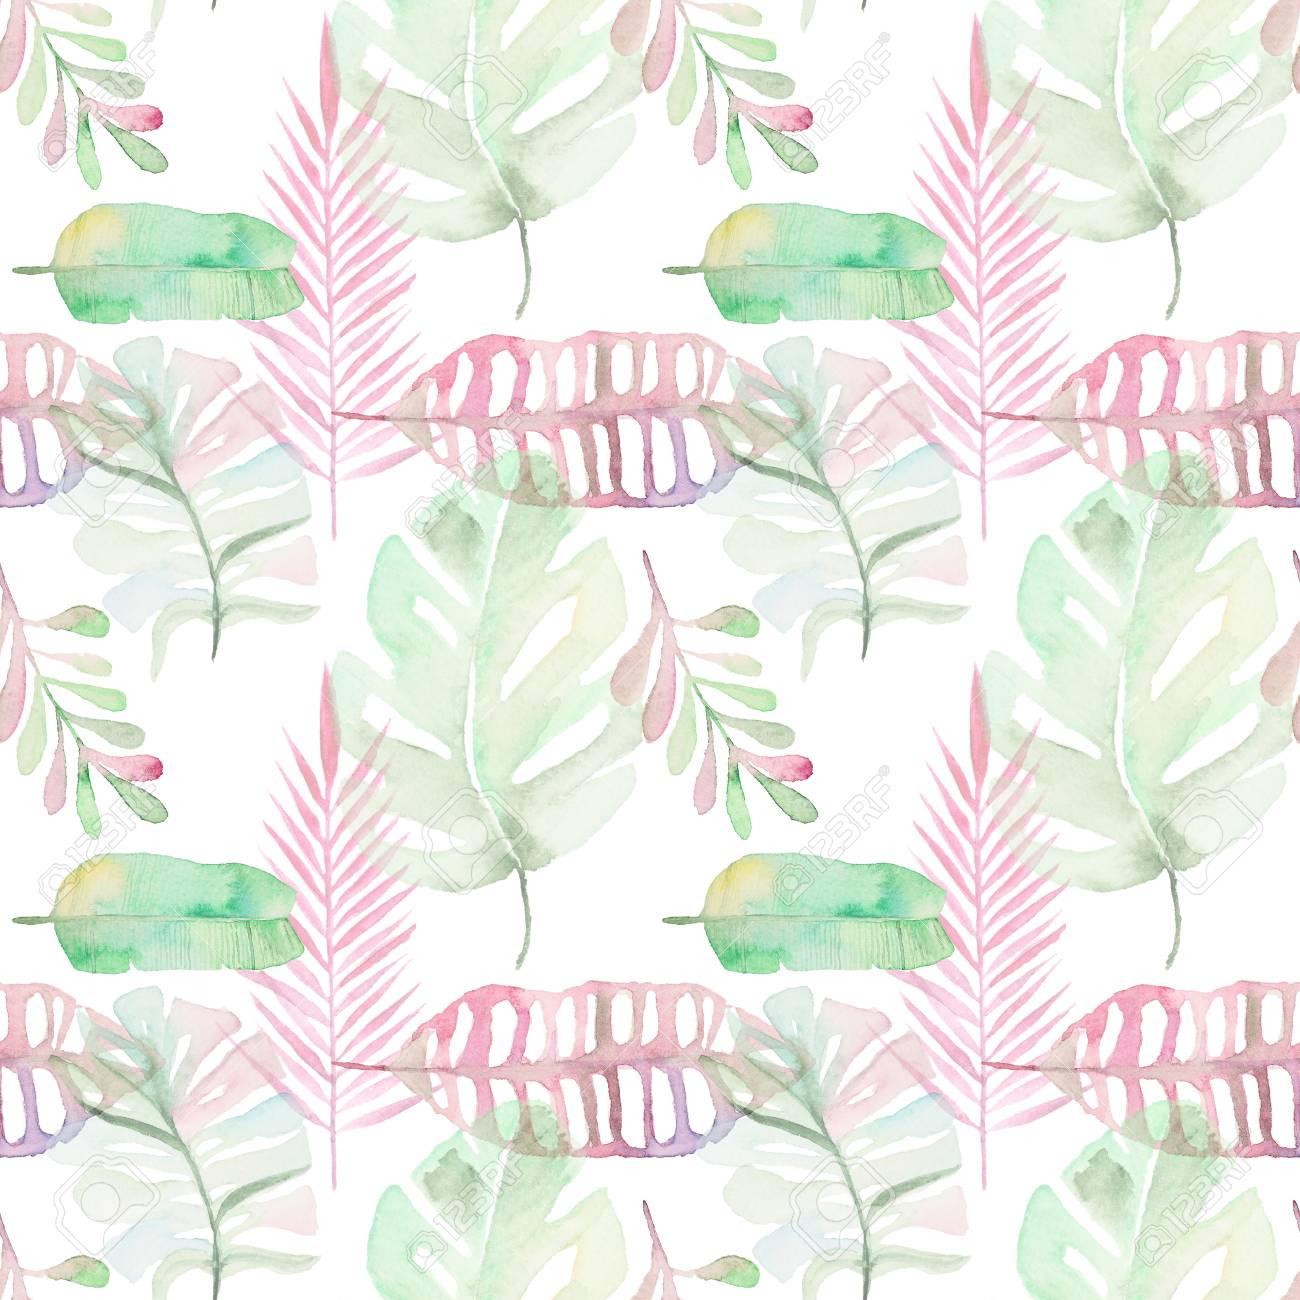 Aquarell Tropische Palmen Blatter Nahtlose Muster Grune Und Rosa